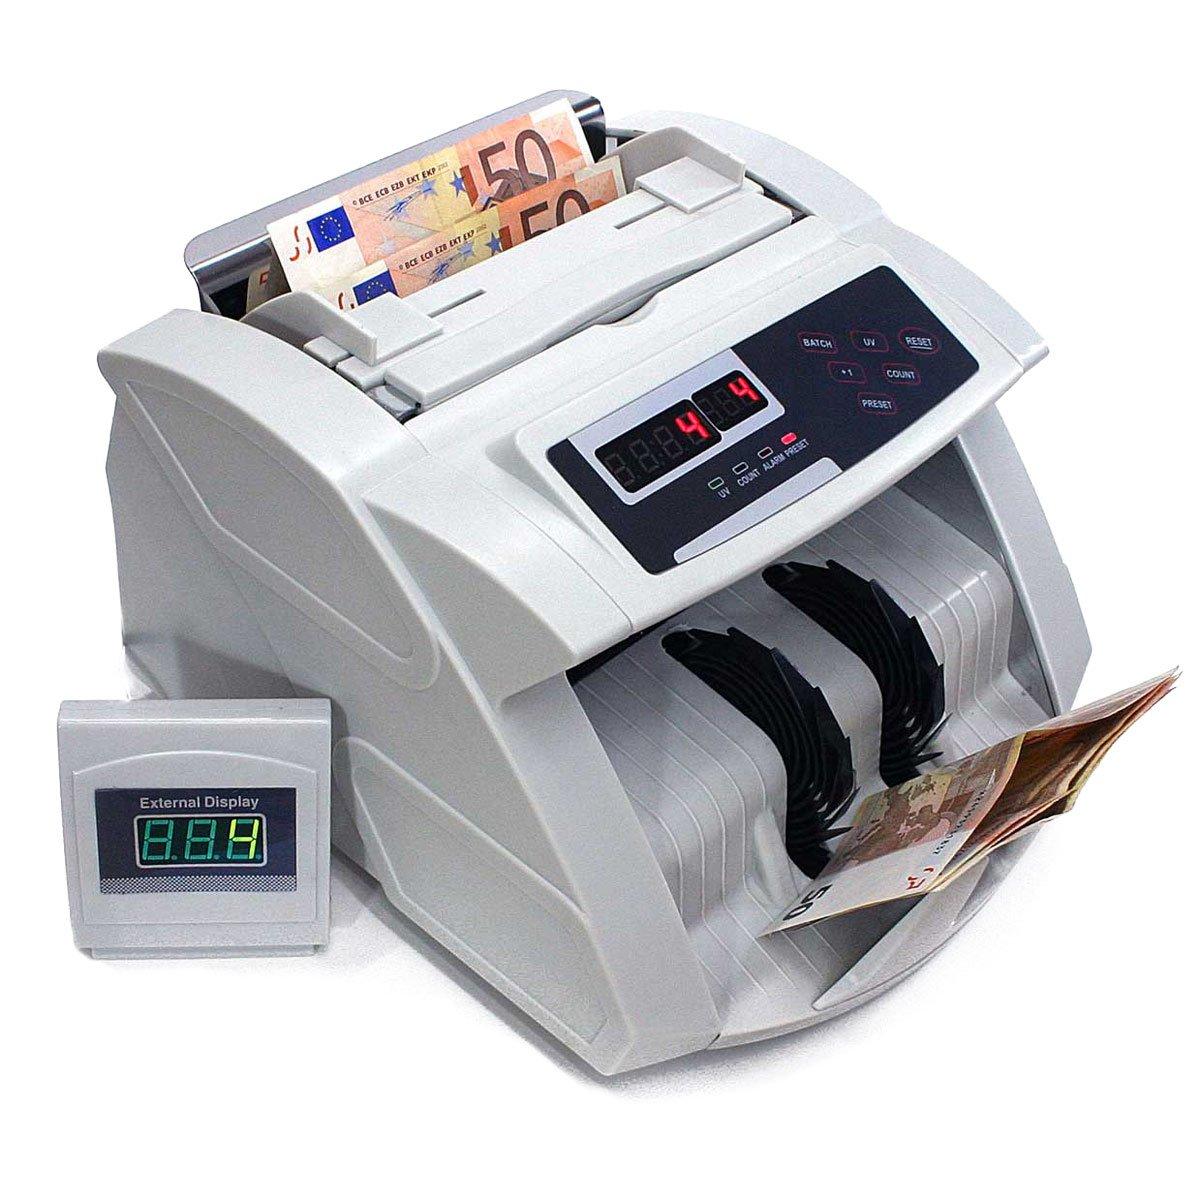 Professionale Conta Banconote denaro contatore sortiermaschine denaro sortierer macchina contasoldi per banconote & Banconote Goods & Gadgets